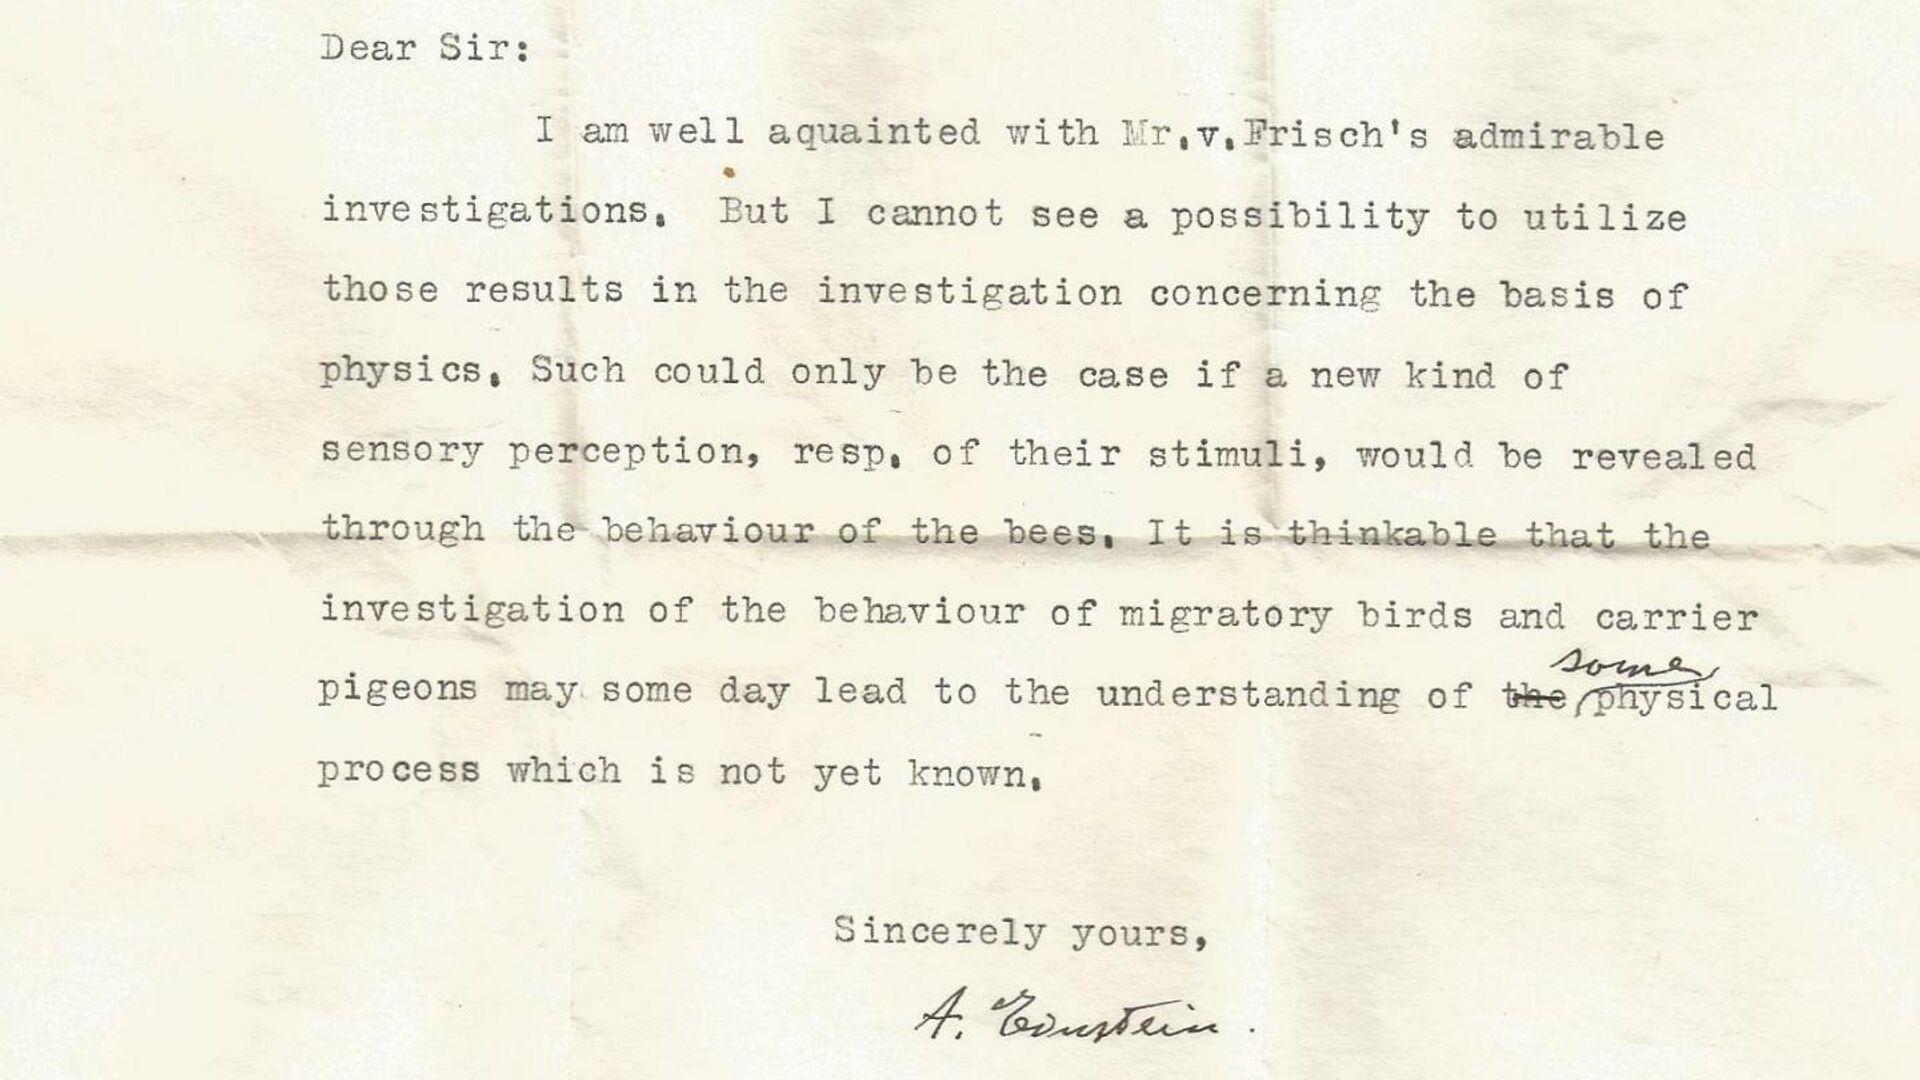 Опубликовано ранее неизвестное письмо Эйнштейна о сверхчувствах животных